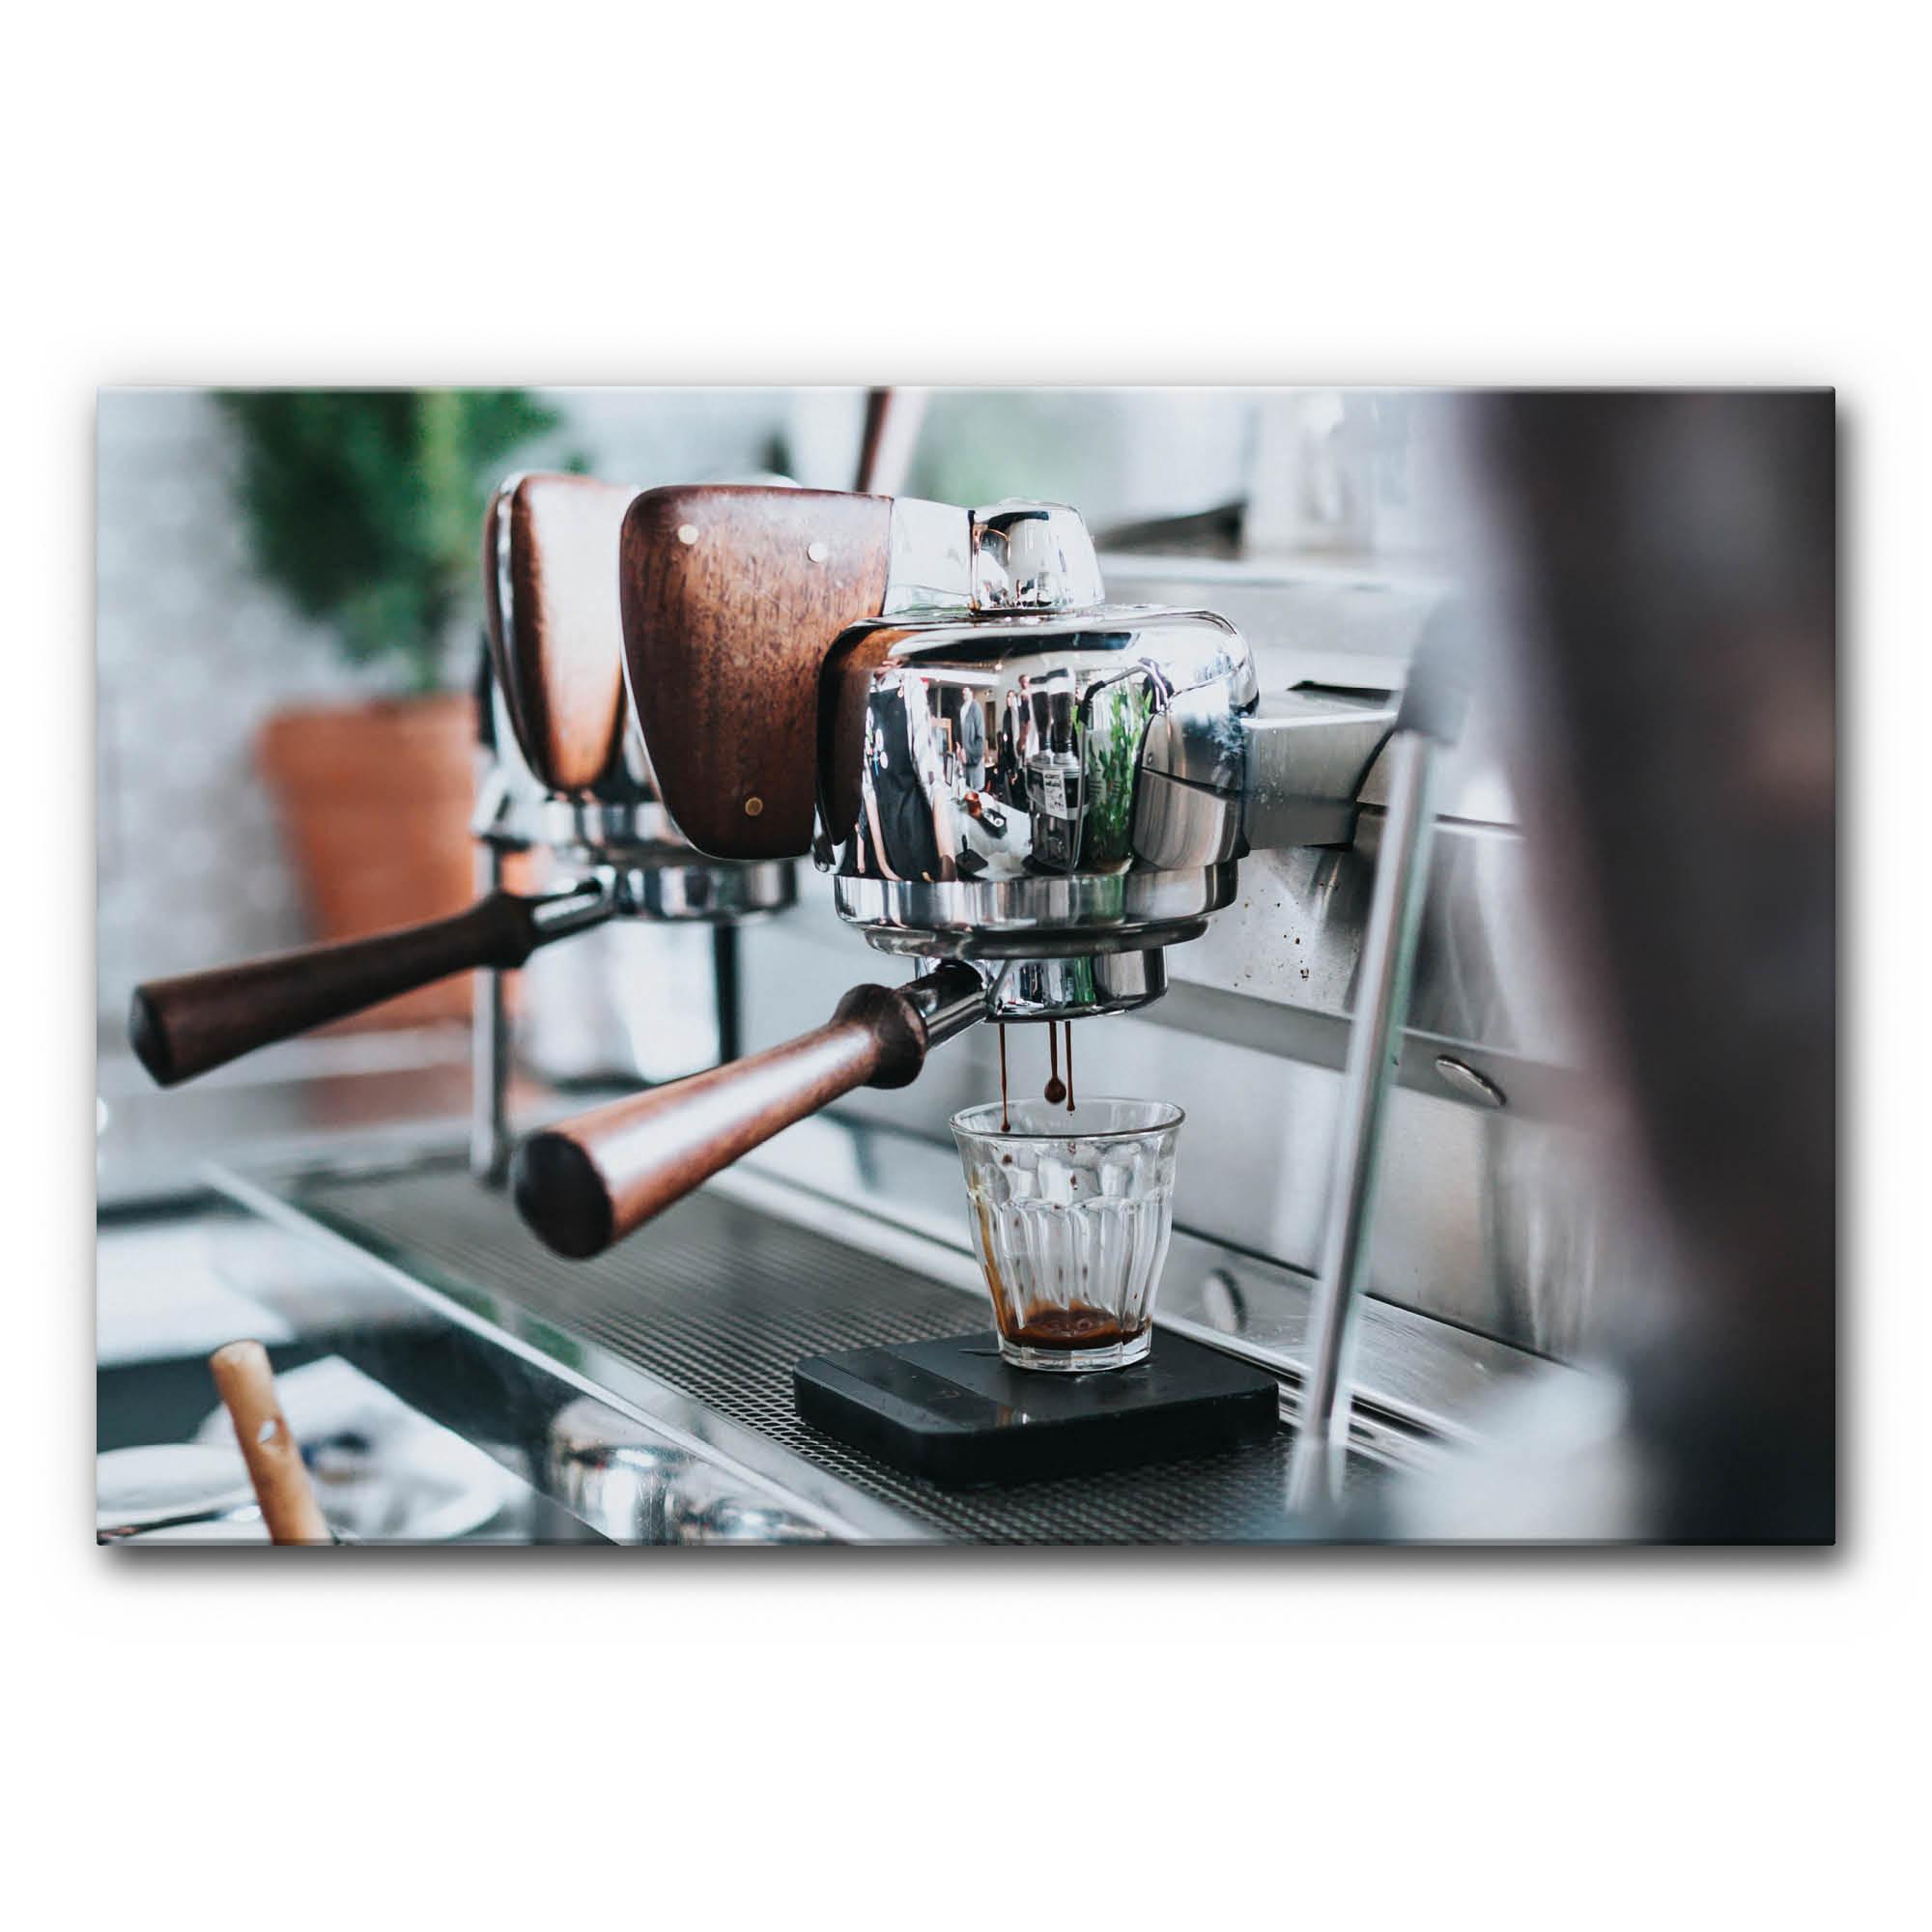 hochwertiges motiv akustikbild espressomaschine in vielen gr en erh ltlich. Black Bedroom Furniture Sets. Home Design Ideas